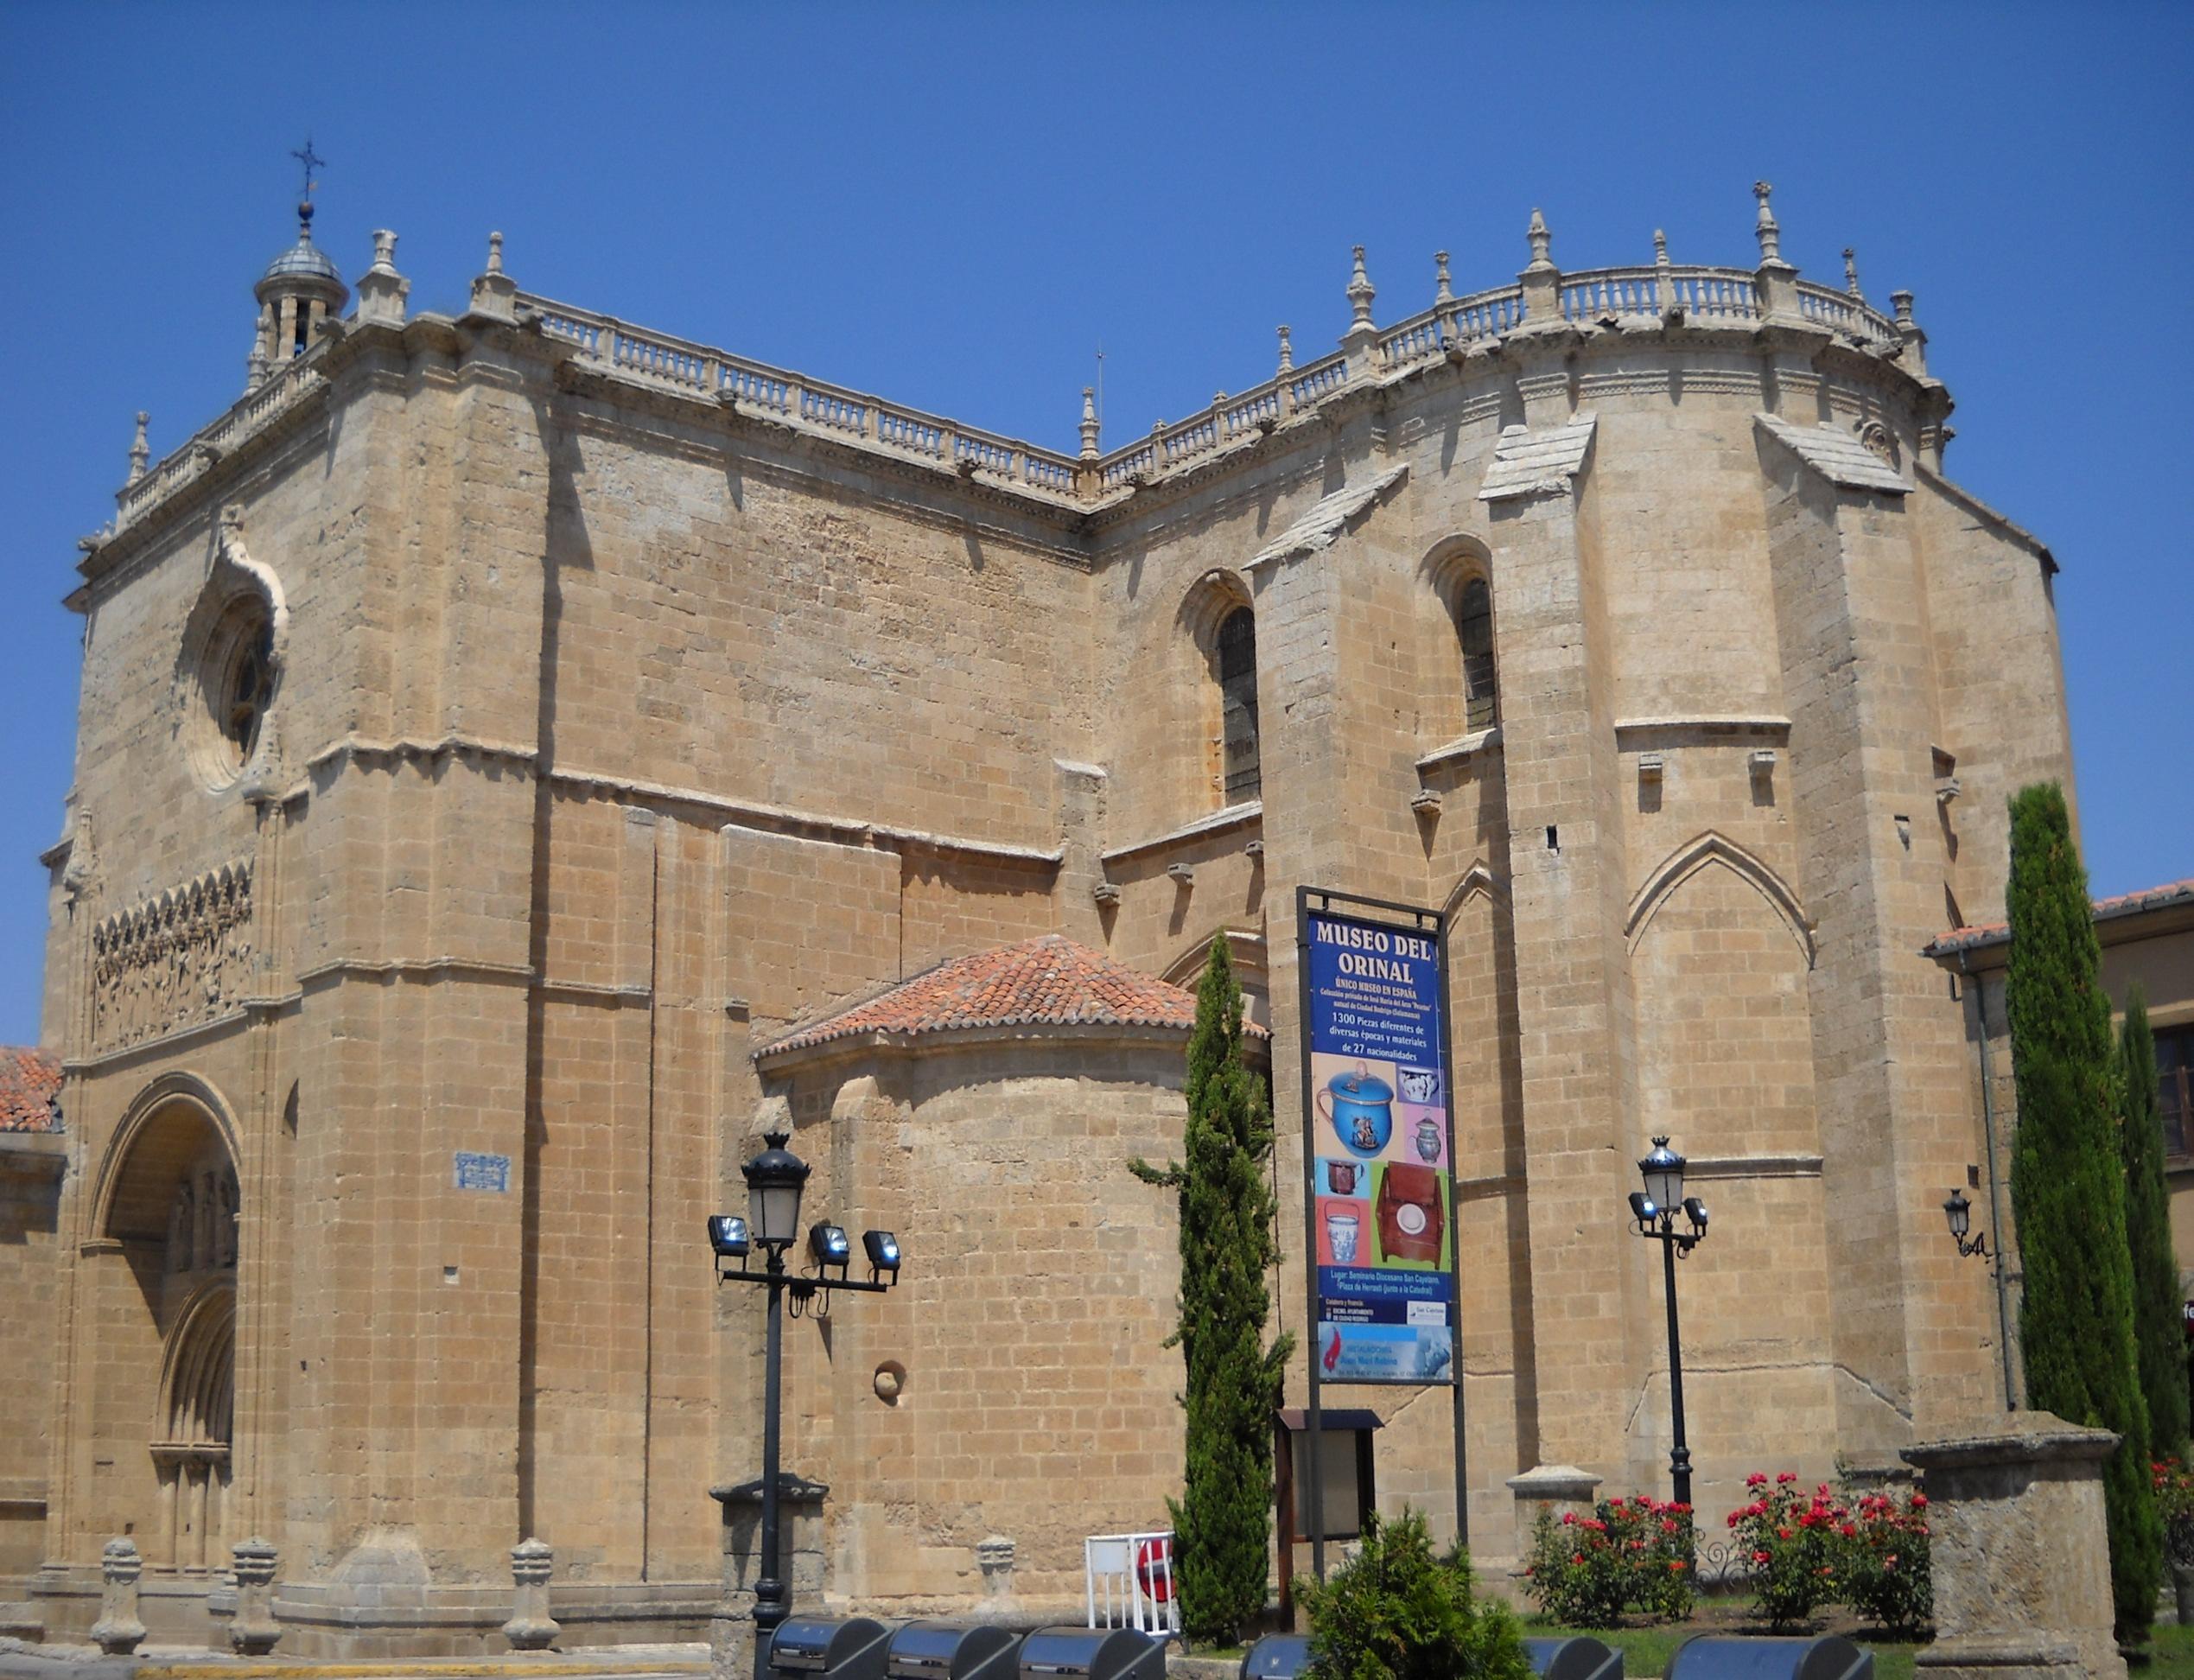 Ciudad-Rodrigo Spain  city pictures gallery : Ciudad Rodrigo Spain